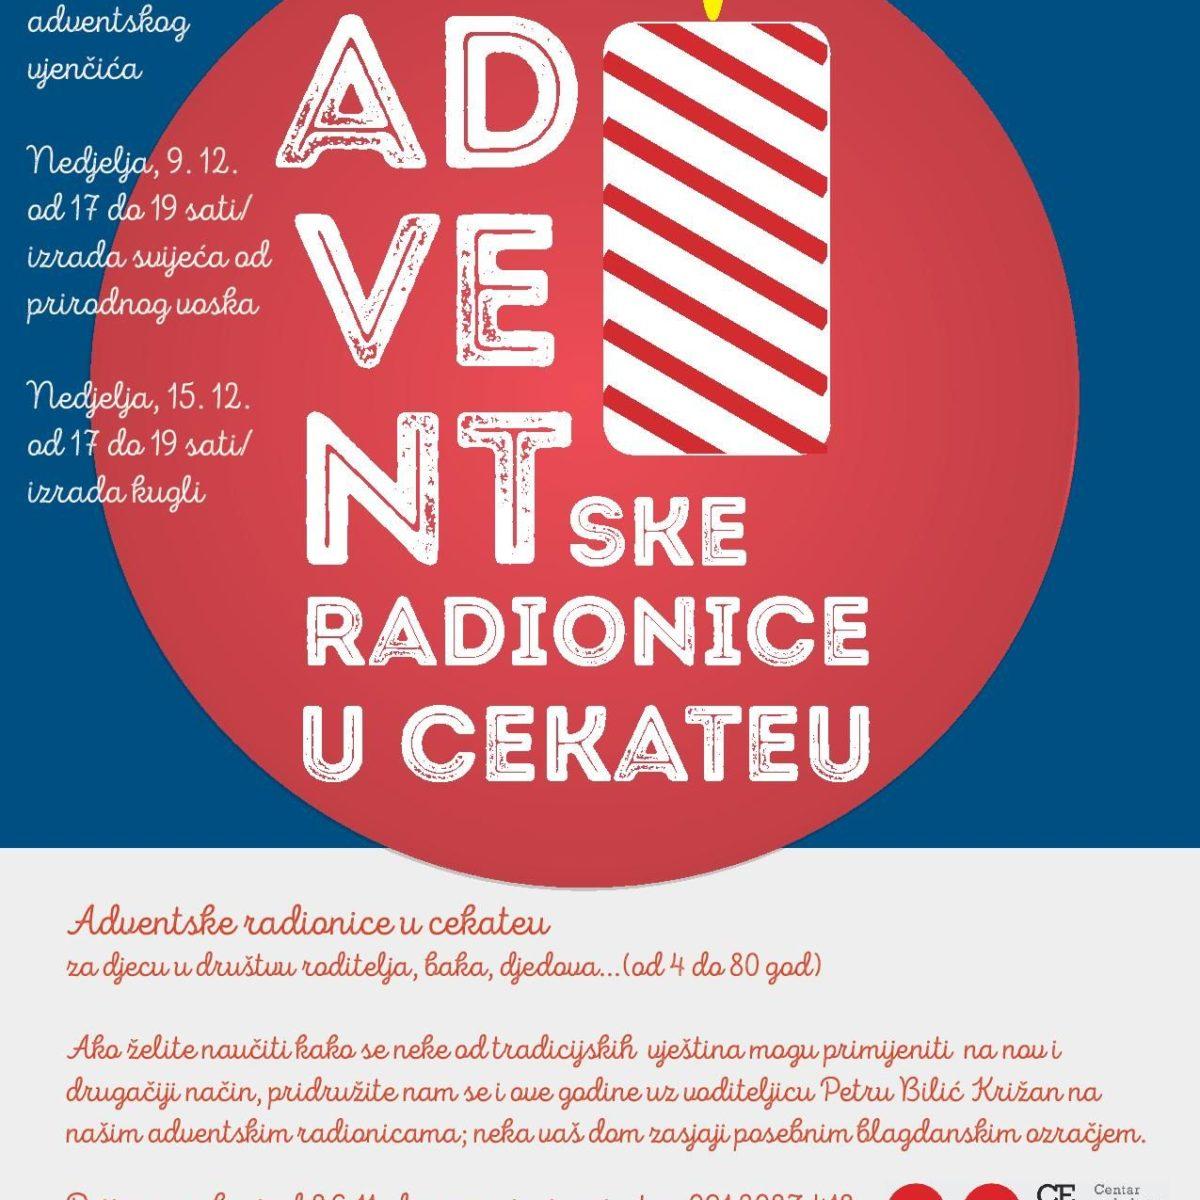 Adventske radionice/izrada kuglica/16.12. od 17 h